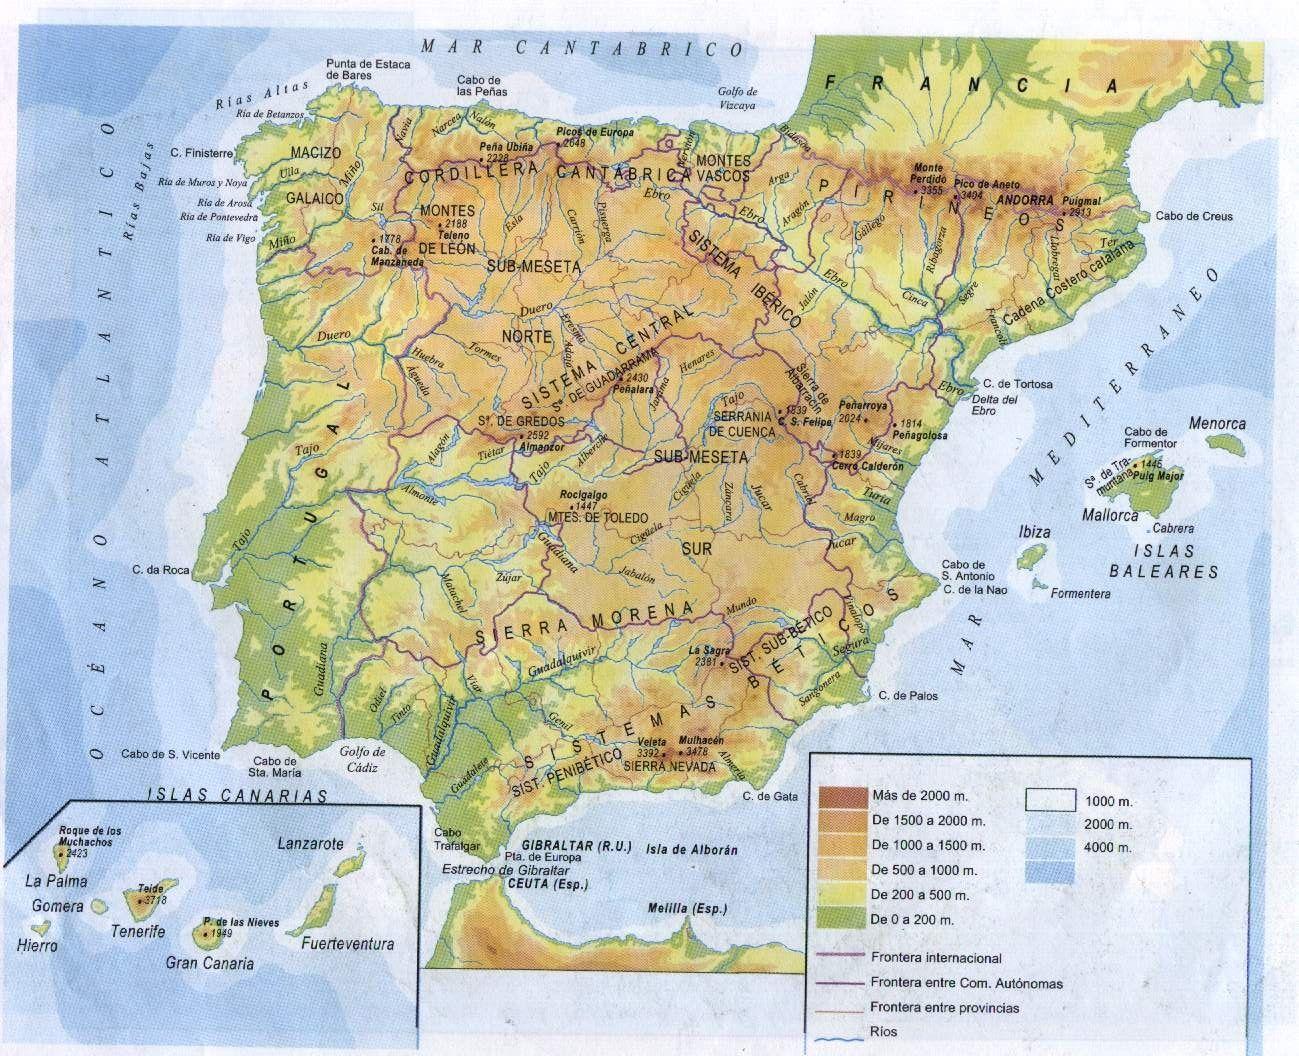 Mapa Fisico De España.Blog De Los Ninos Mapas De Espana Y Del Mundo Para Ninos